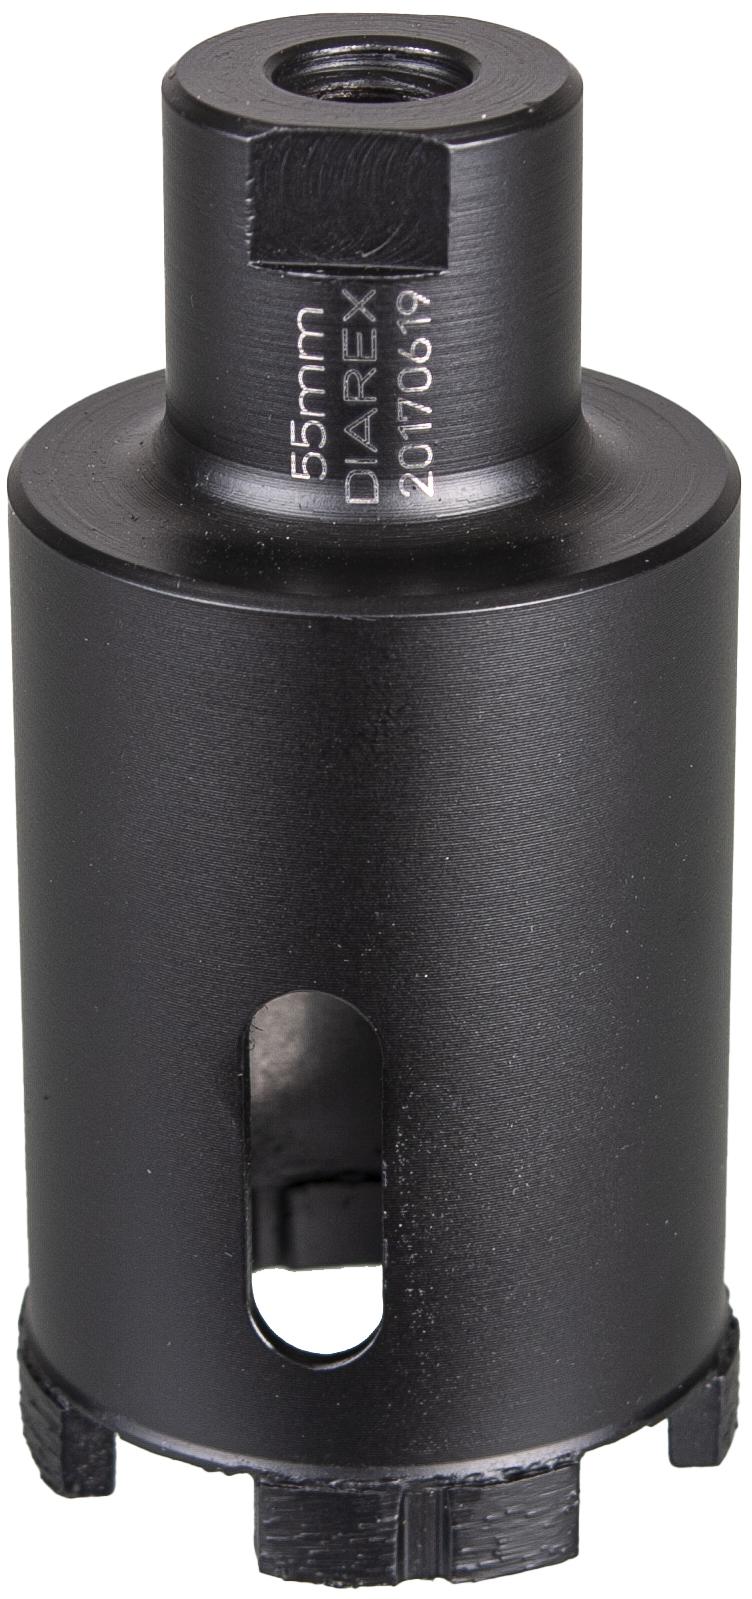 DIAREX Bohrkrone Extrem ø 55 mm   Bohrtiefe 70 mm   M14i